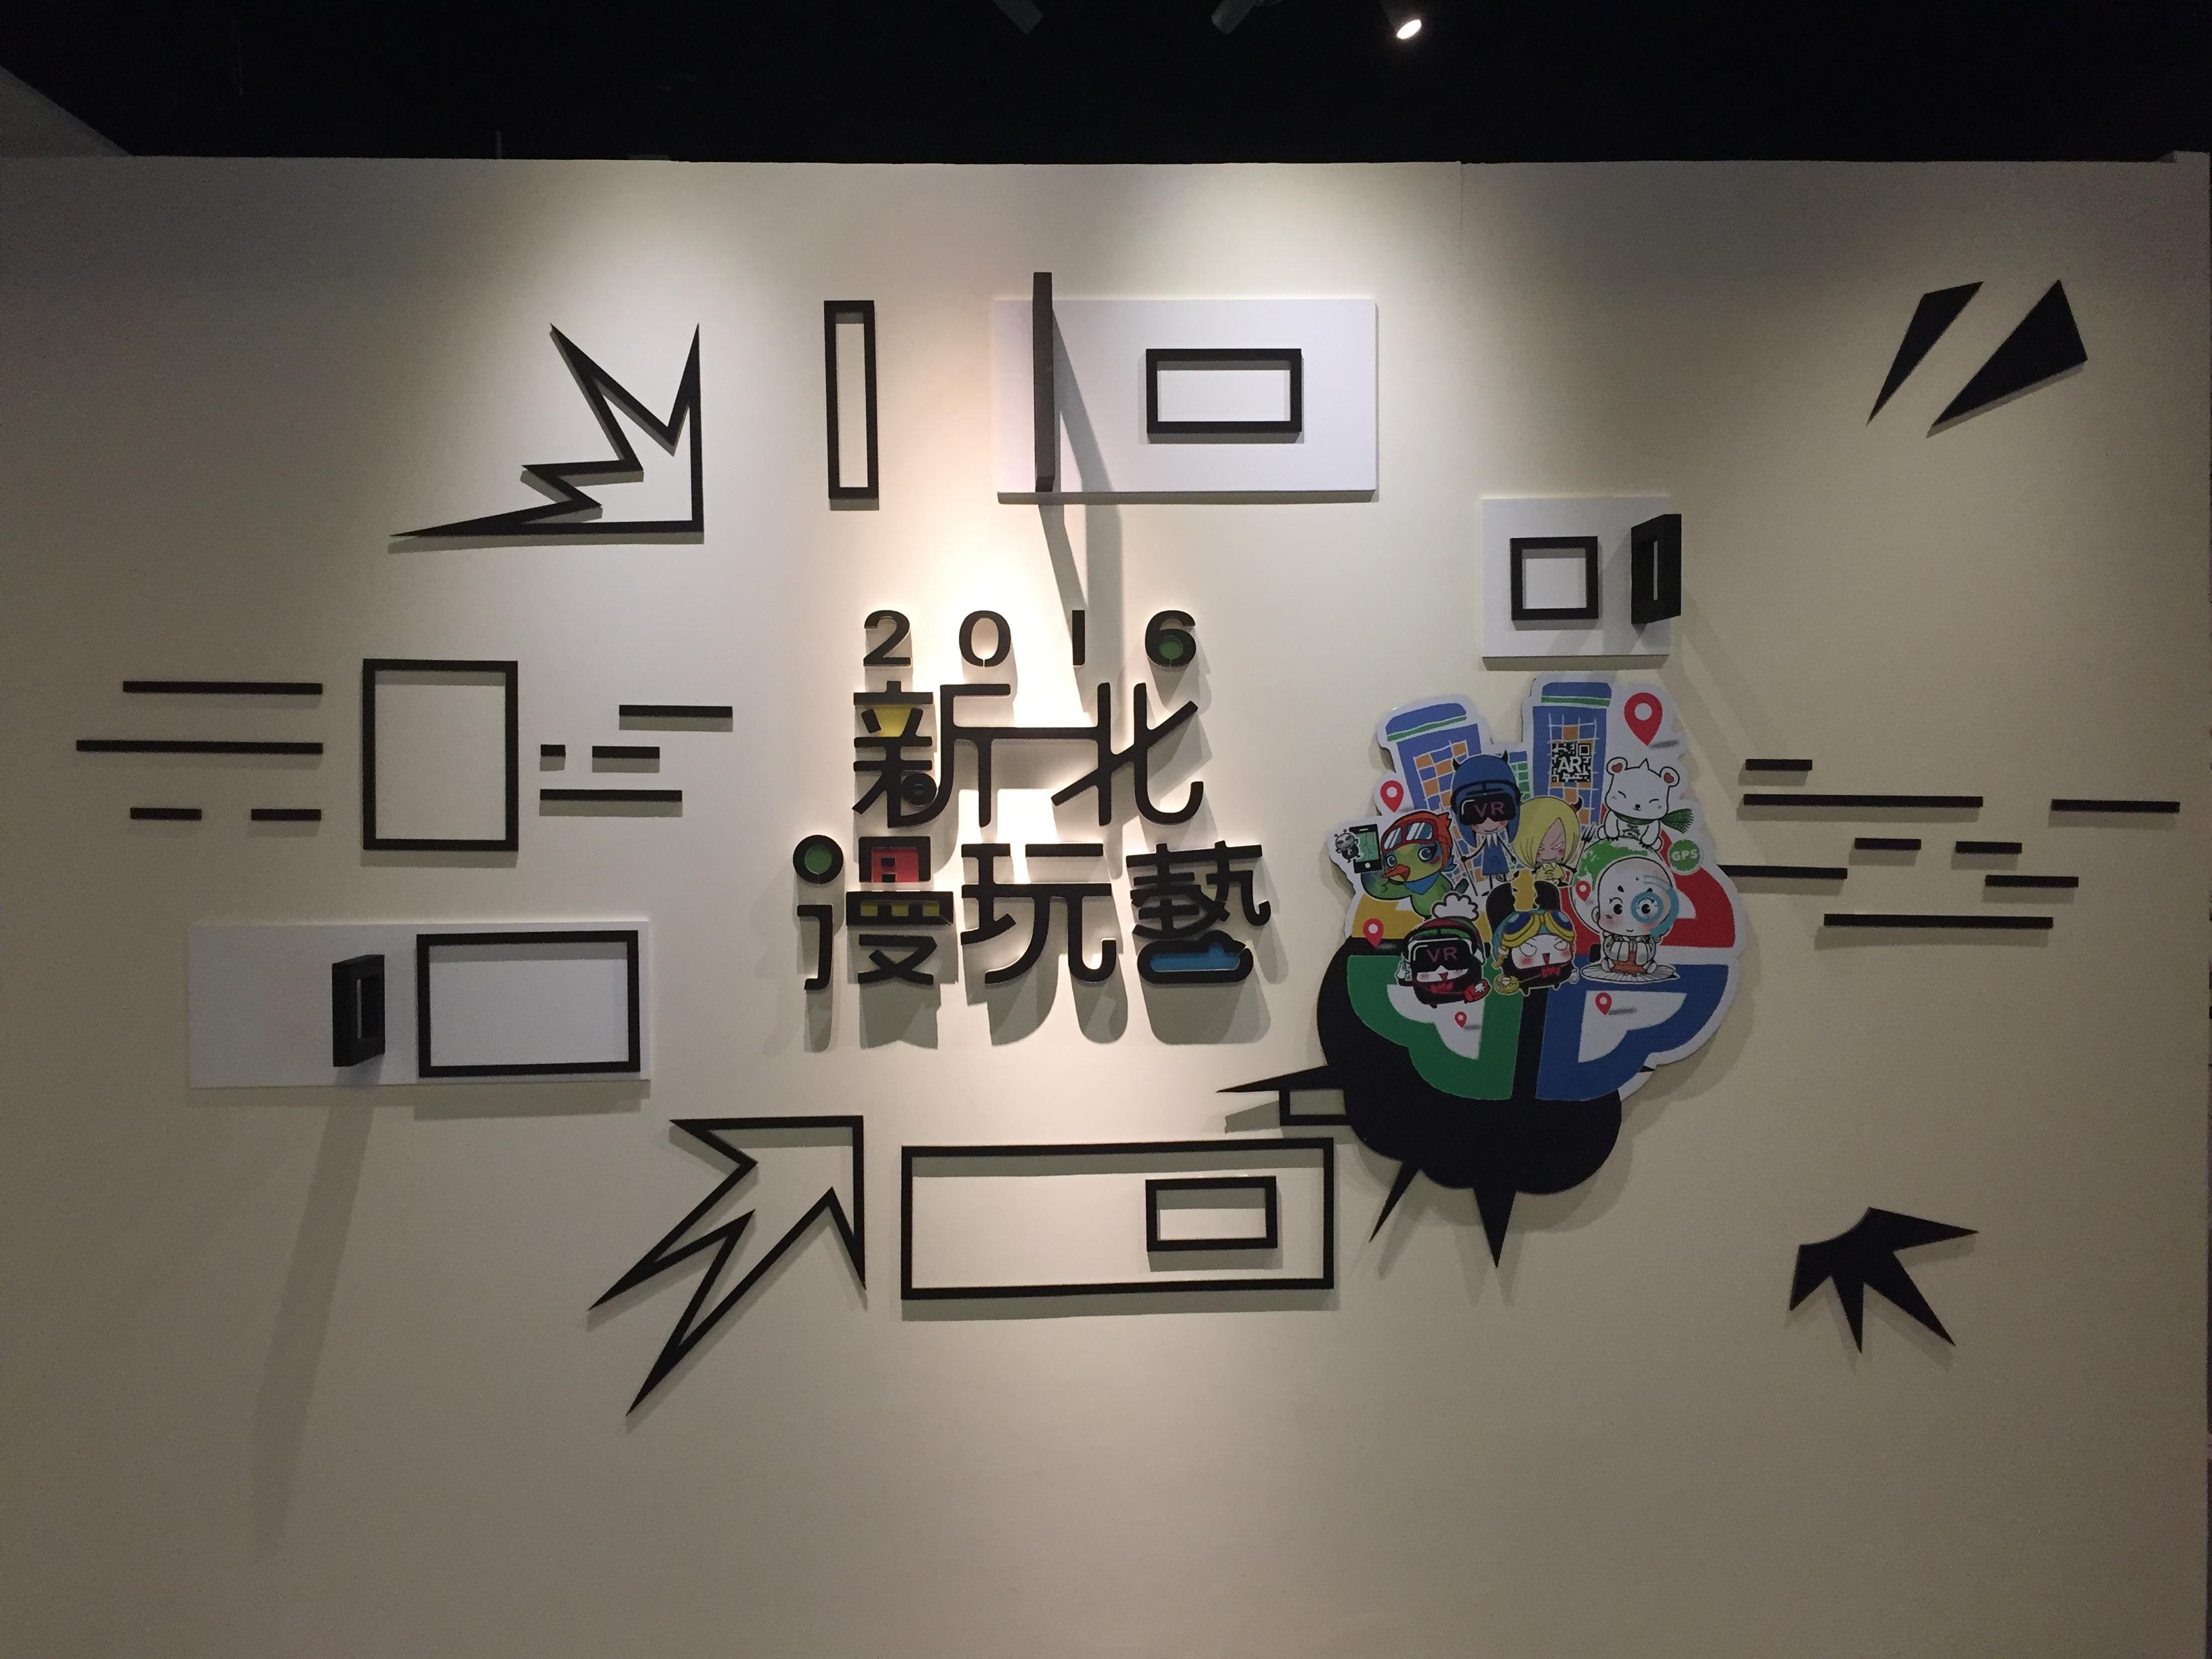 新北漫玩藝以嶄新的手法呈現漫畫作品,於府中15動畫故事館登場。 攝影/林銘翰